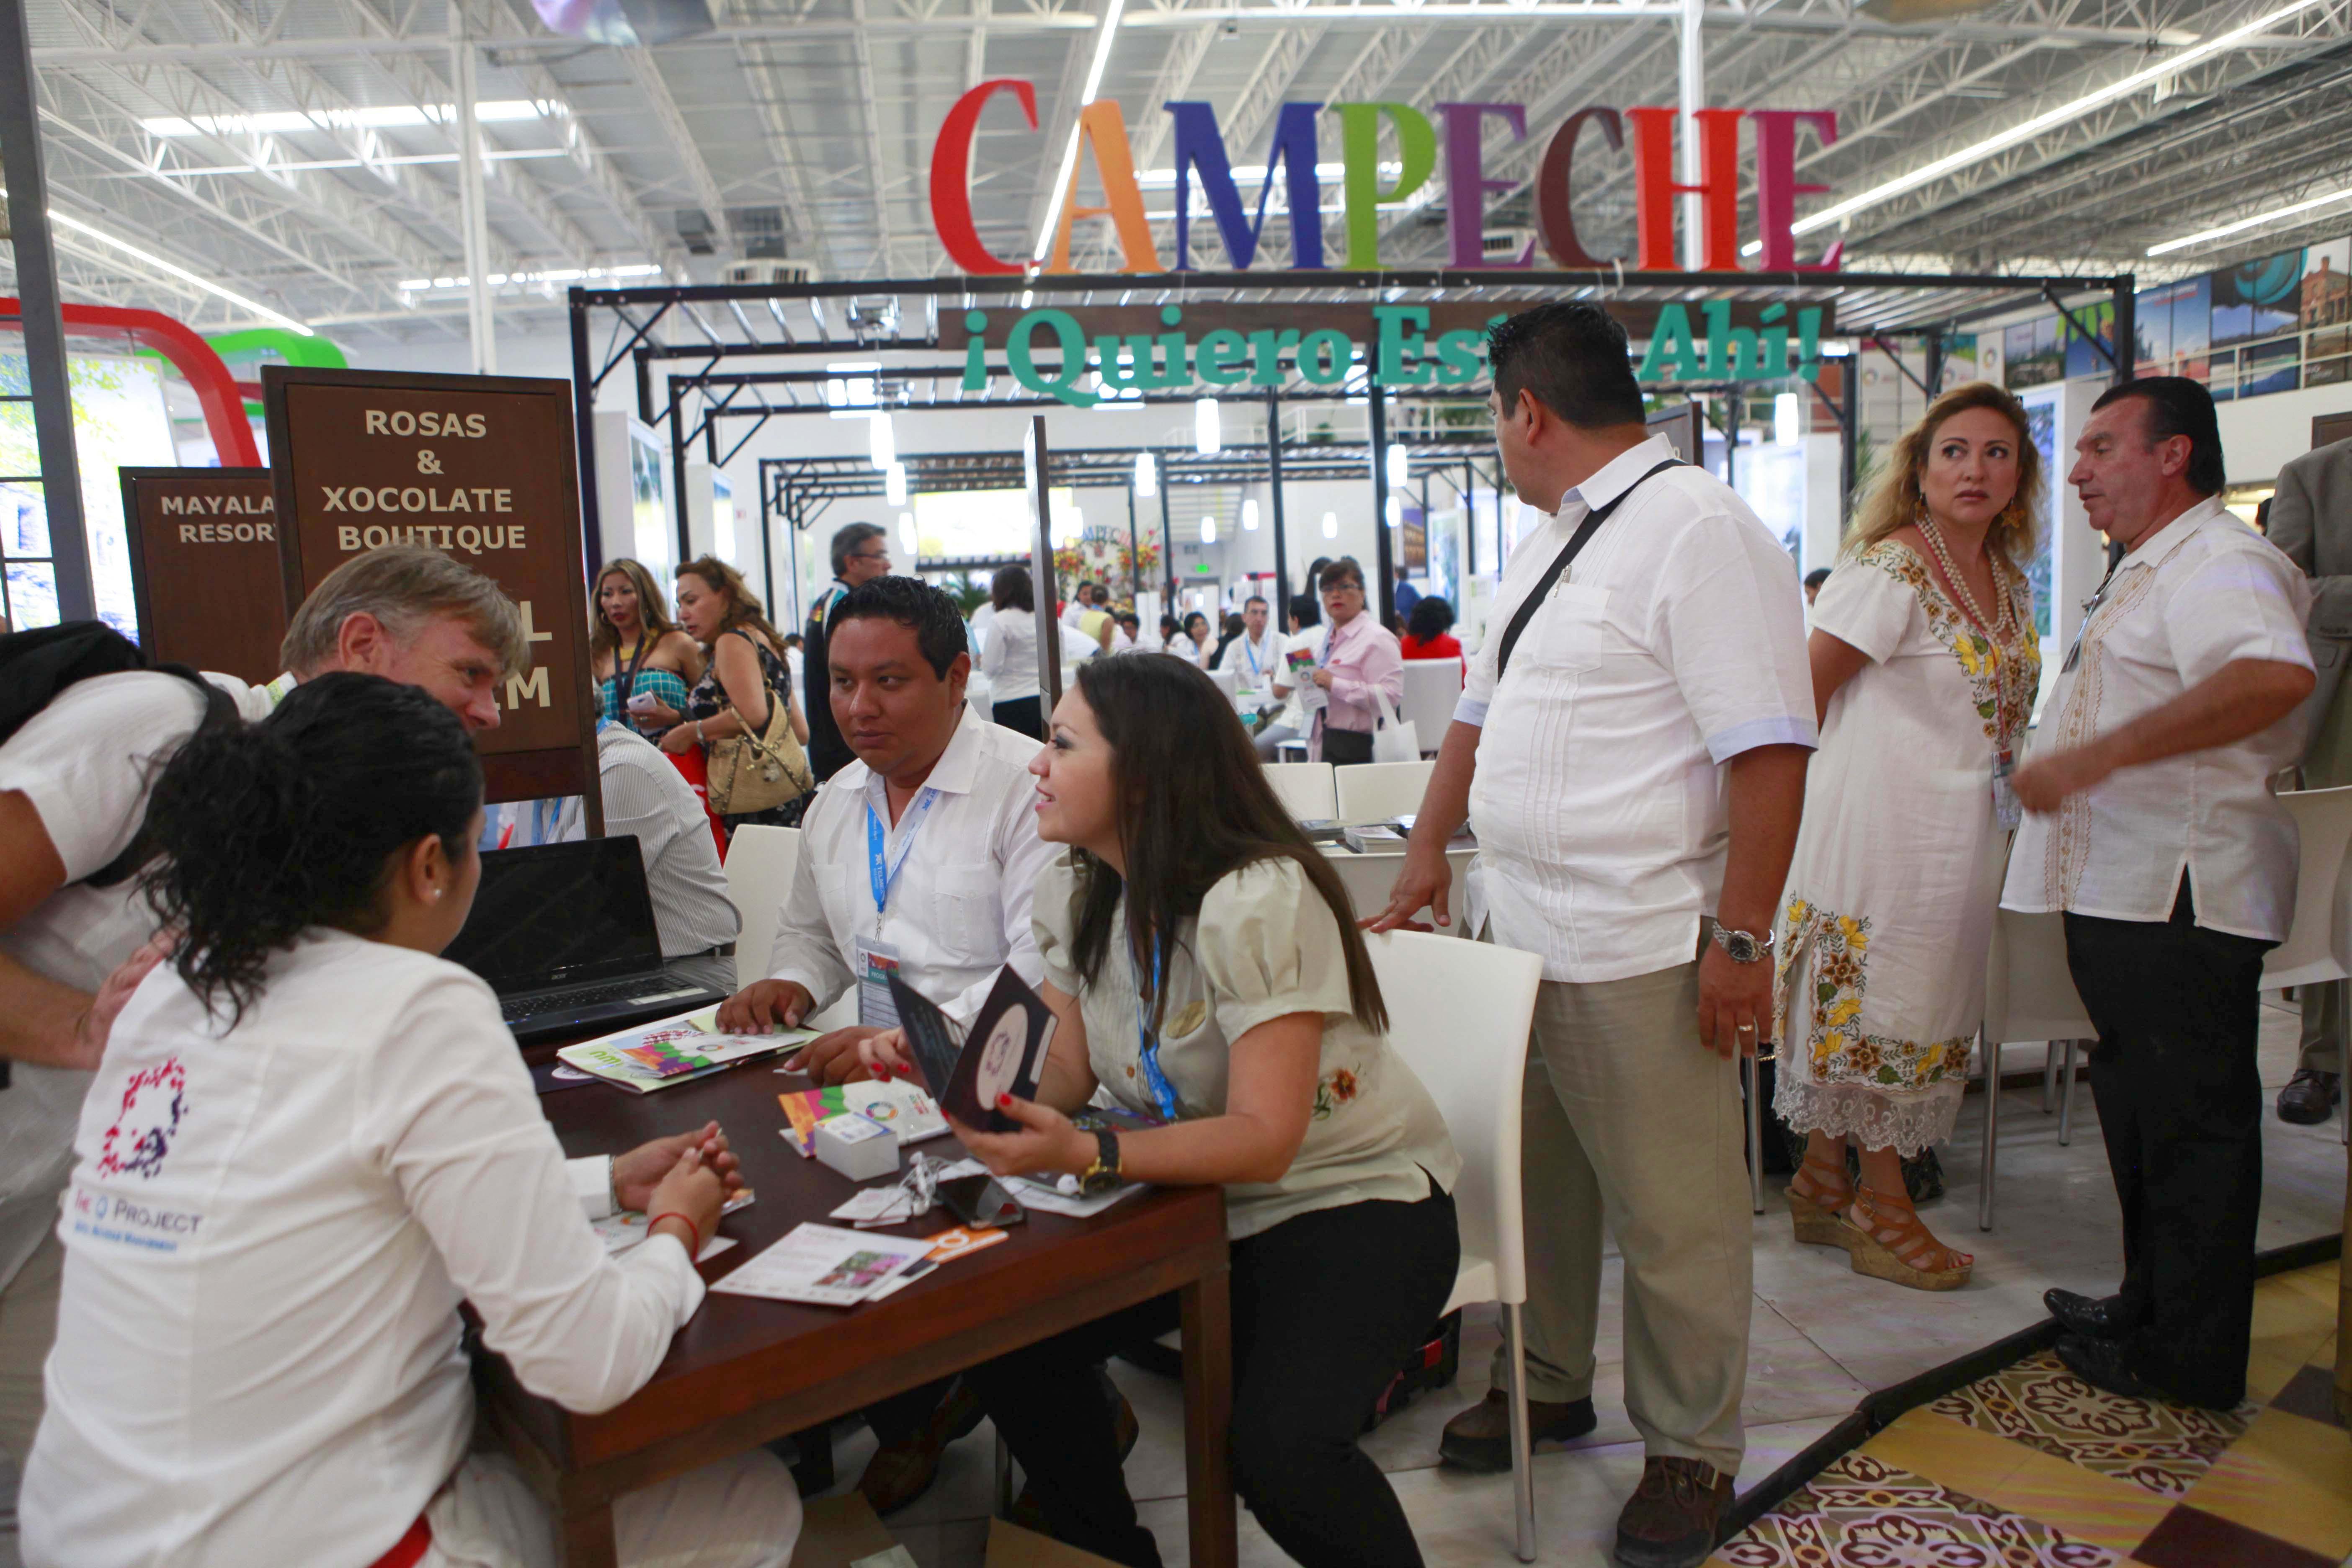 Stand de Campeche en el Tianguis Turístico Quintana Roo - Riviera Maya, 2014.